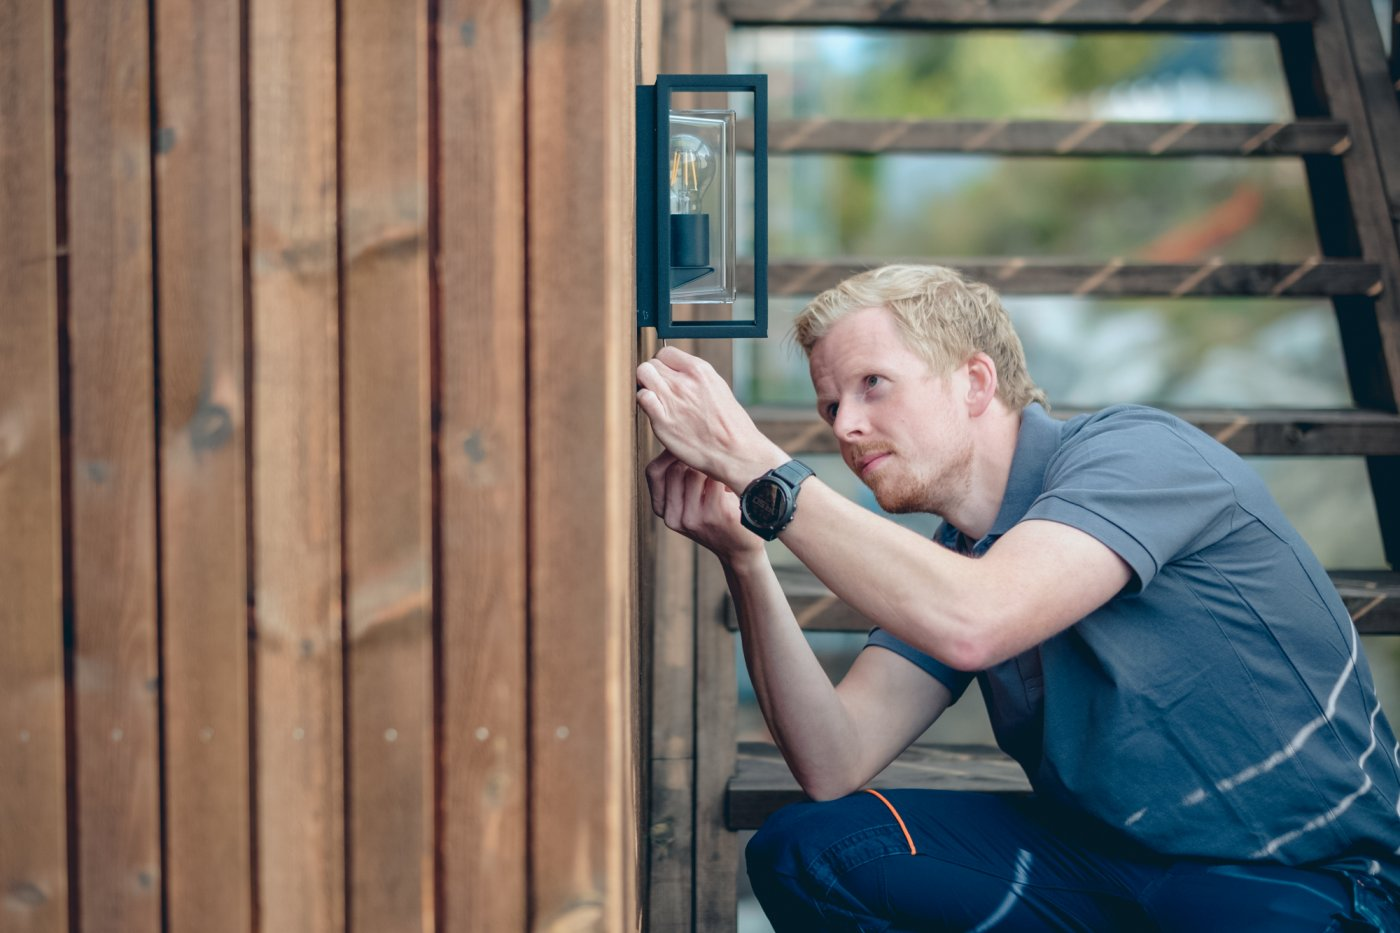 Ole-Magnus sitter på huk og lener seg inn mot ytterveggen av huset mens han skrur opp en utelampe på veggen.